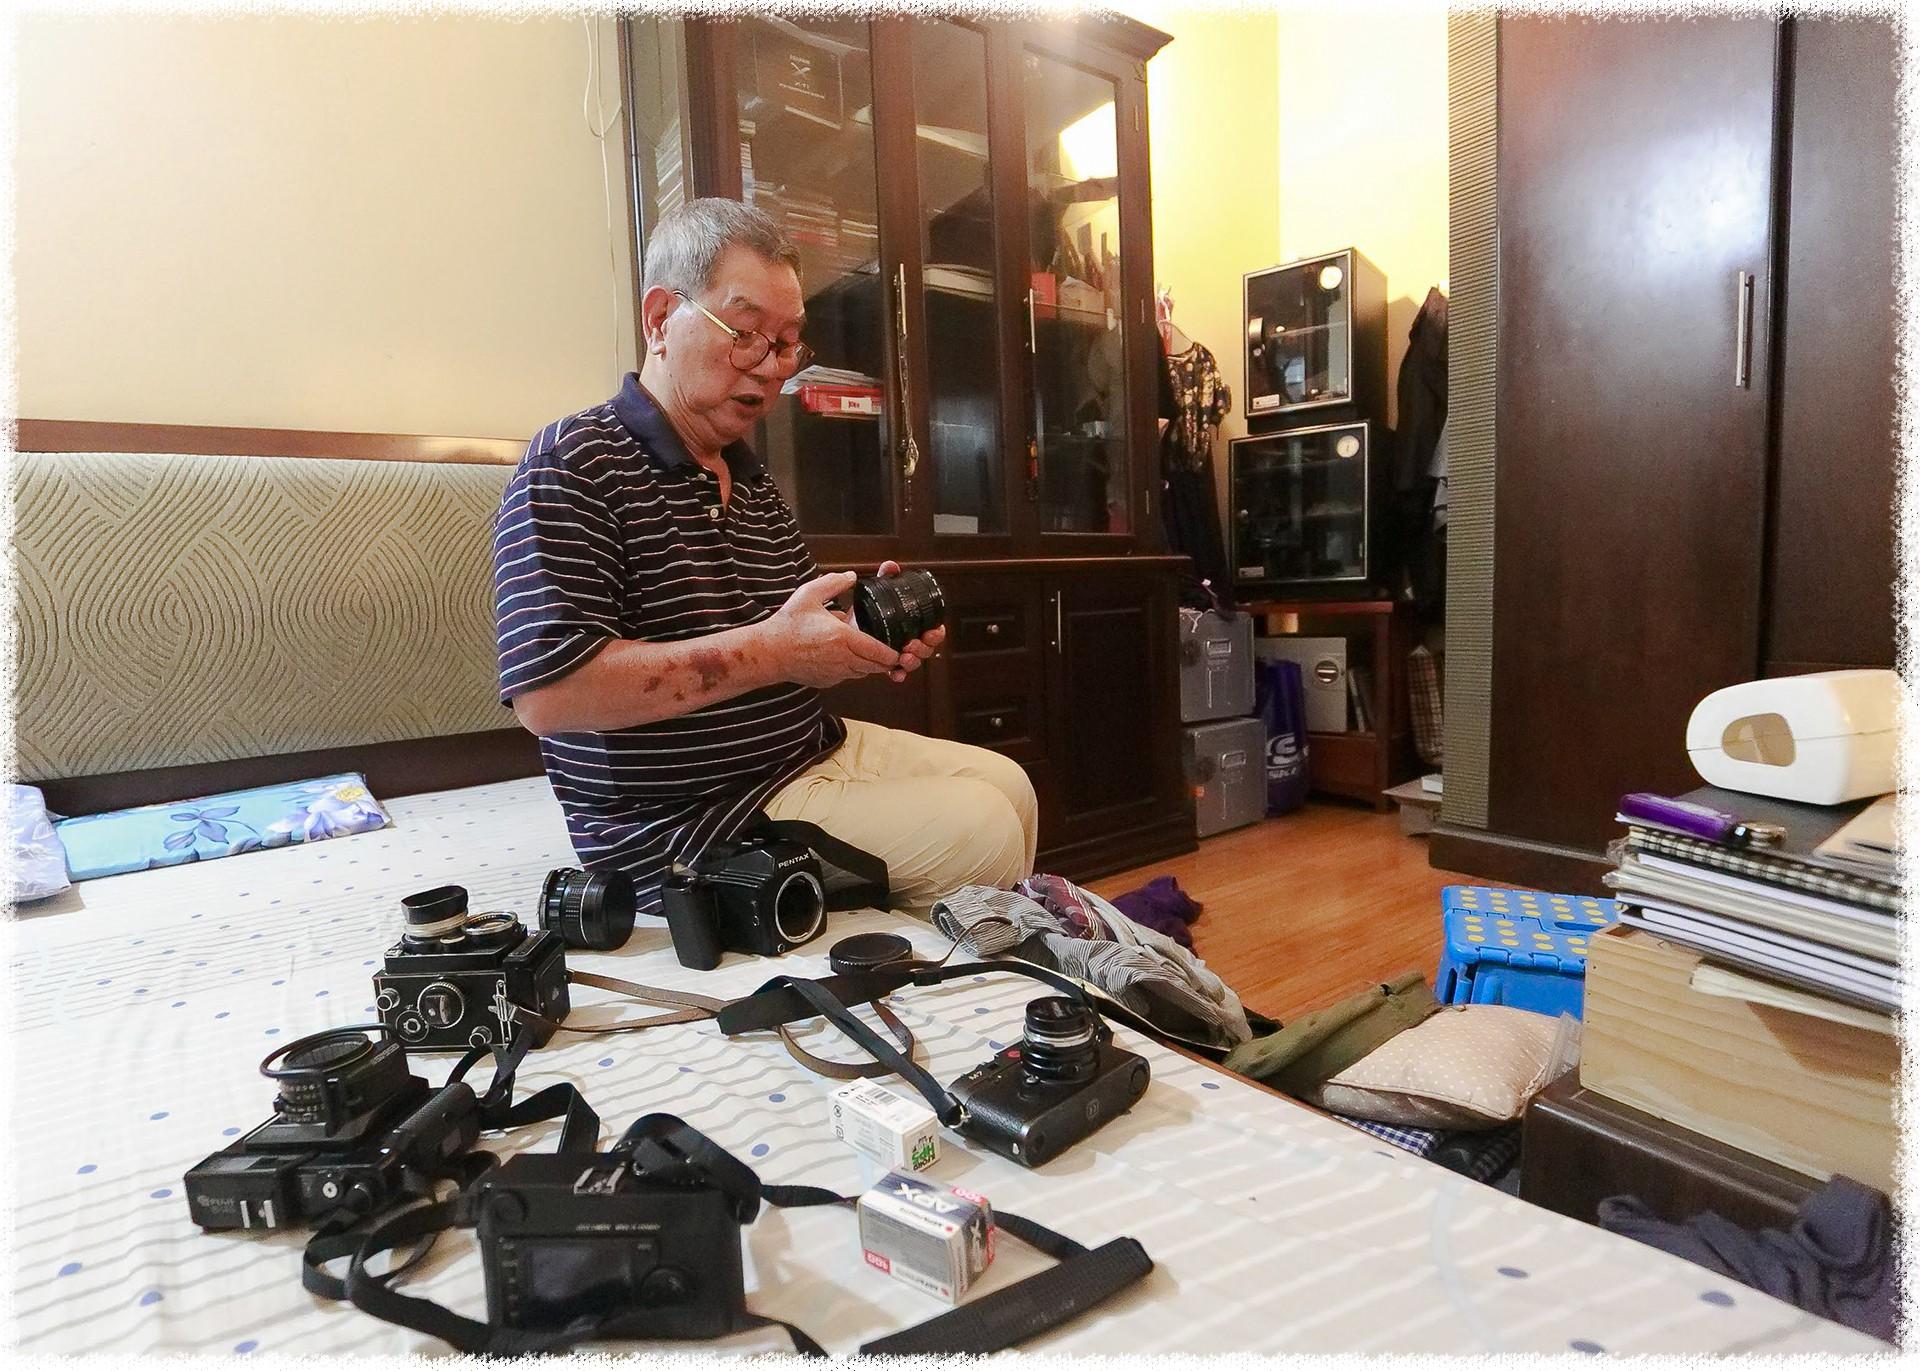 Nhà quay phim Nguyễn Hữu Tuấn: Thảnh thơi chơi với hình ảnh - Ảnh 7.